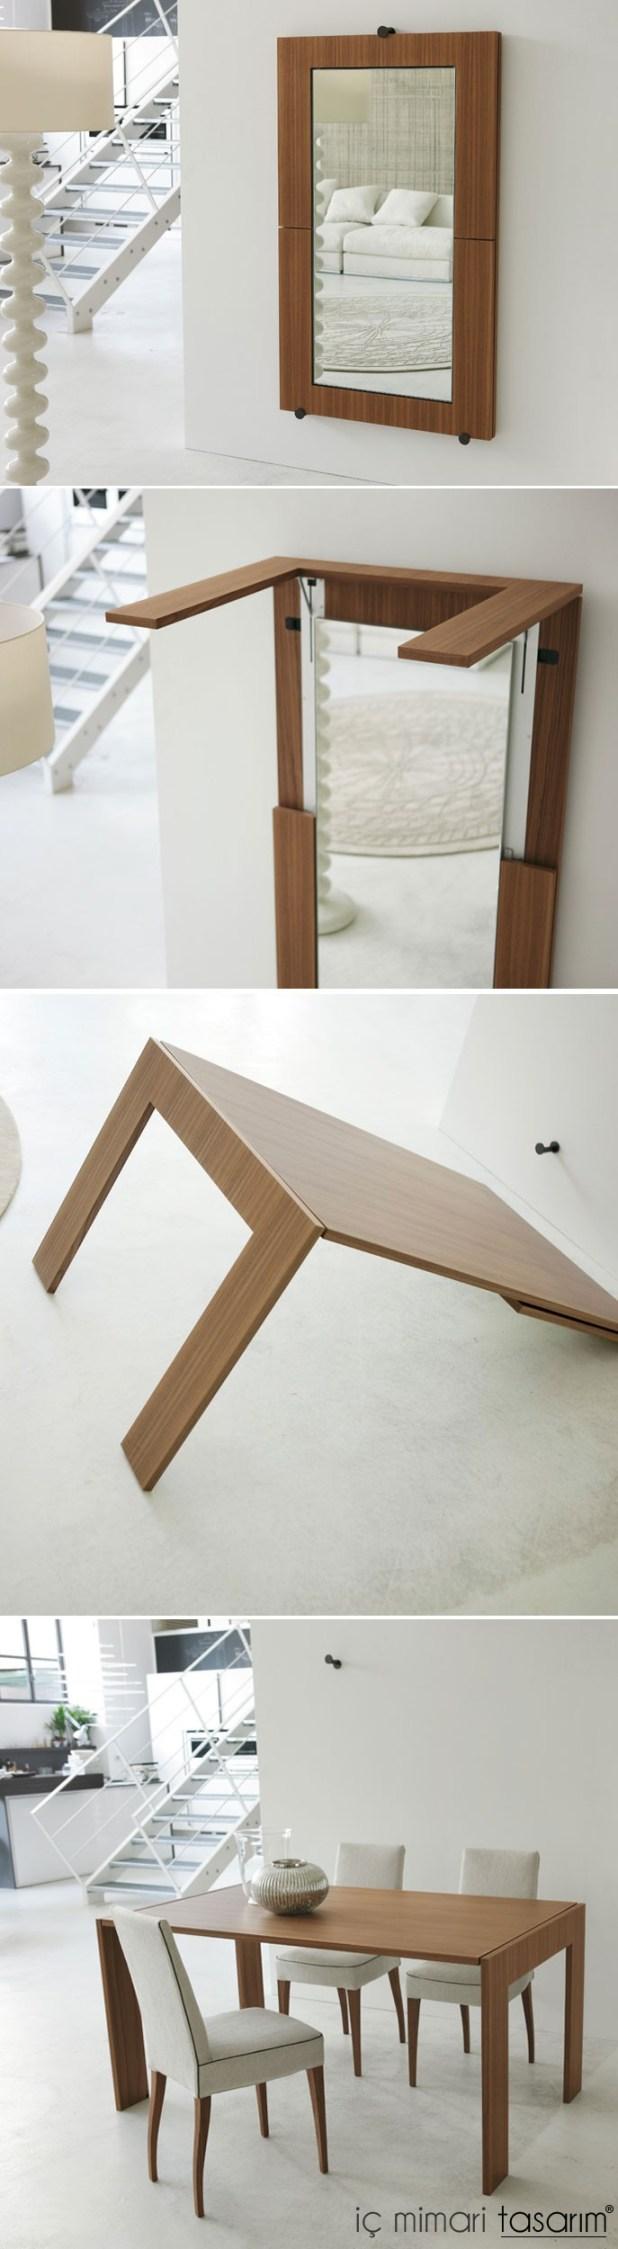 muhteşem-açılır-kapanır-masa-tasarımları (13)